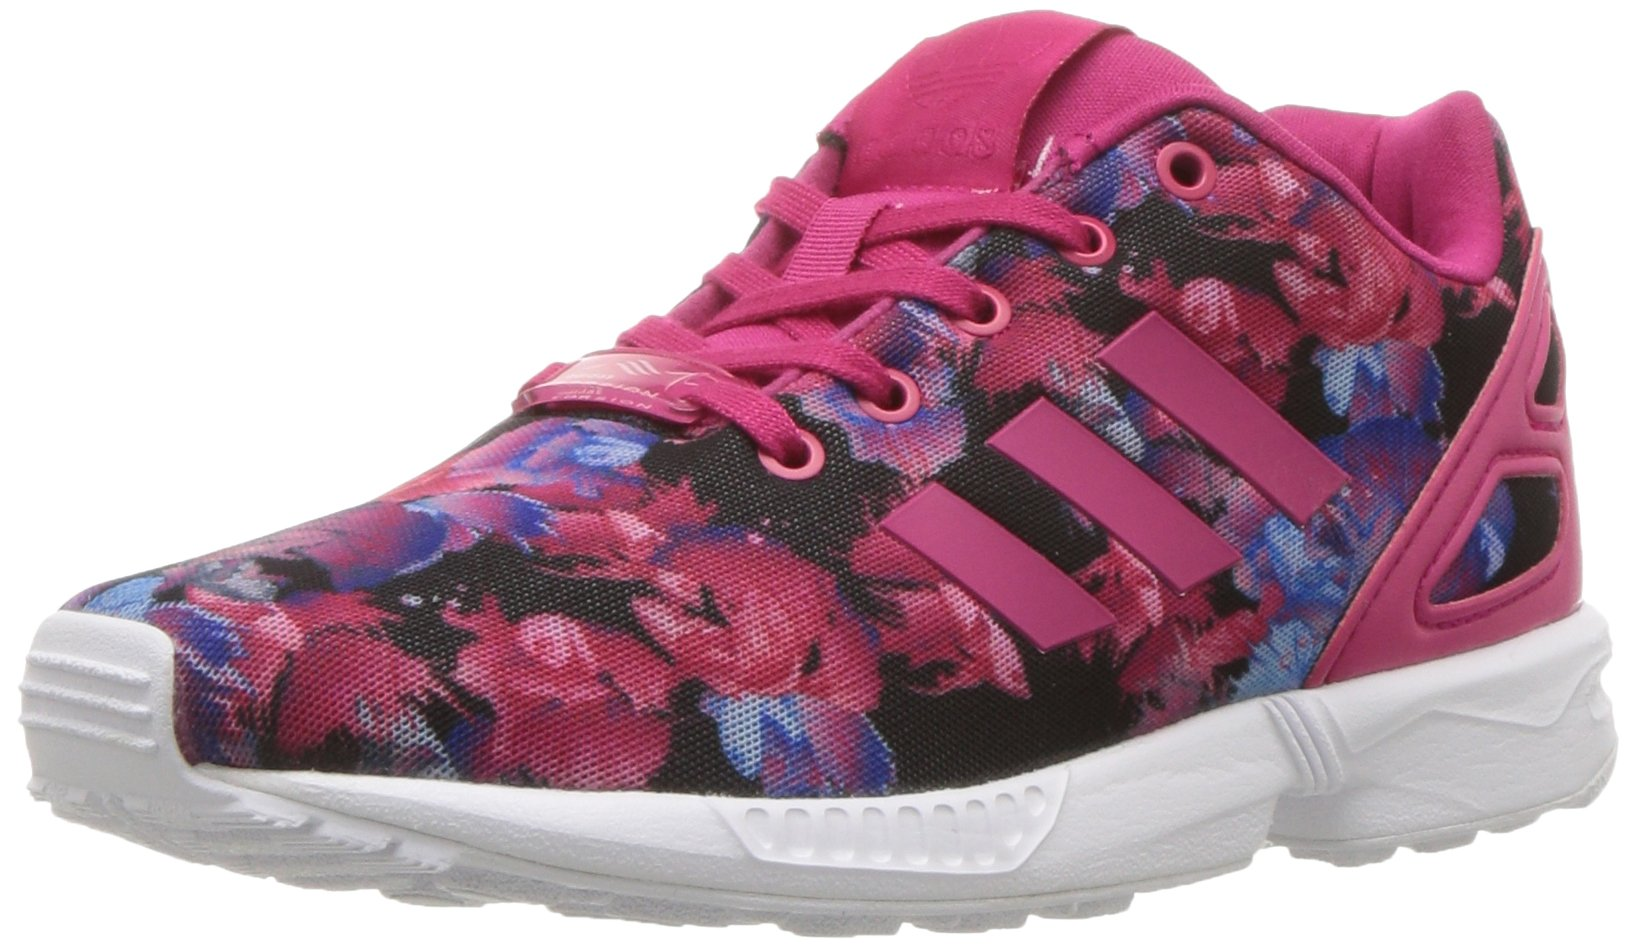 adidas Originals Girls' ZX Flux C Running Shoe, Bold Pink Buzz White, 13.5 M US Little Kid